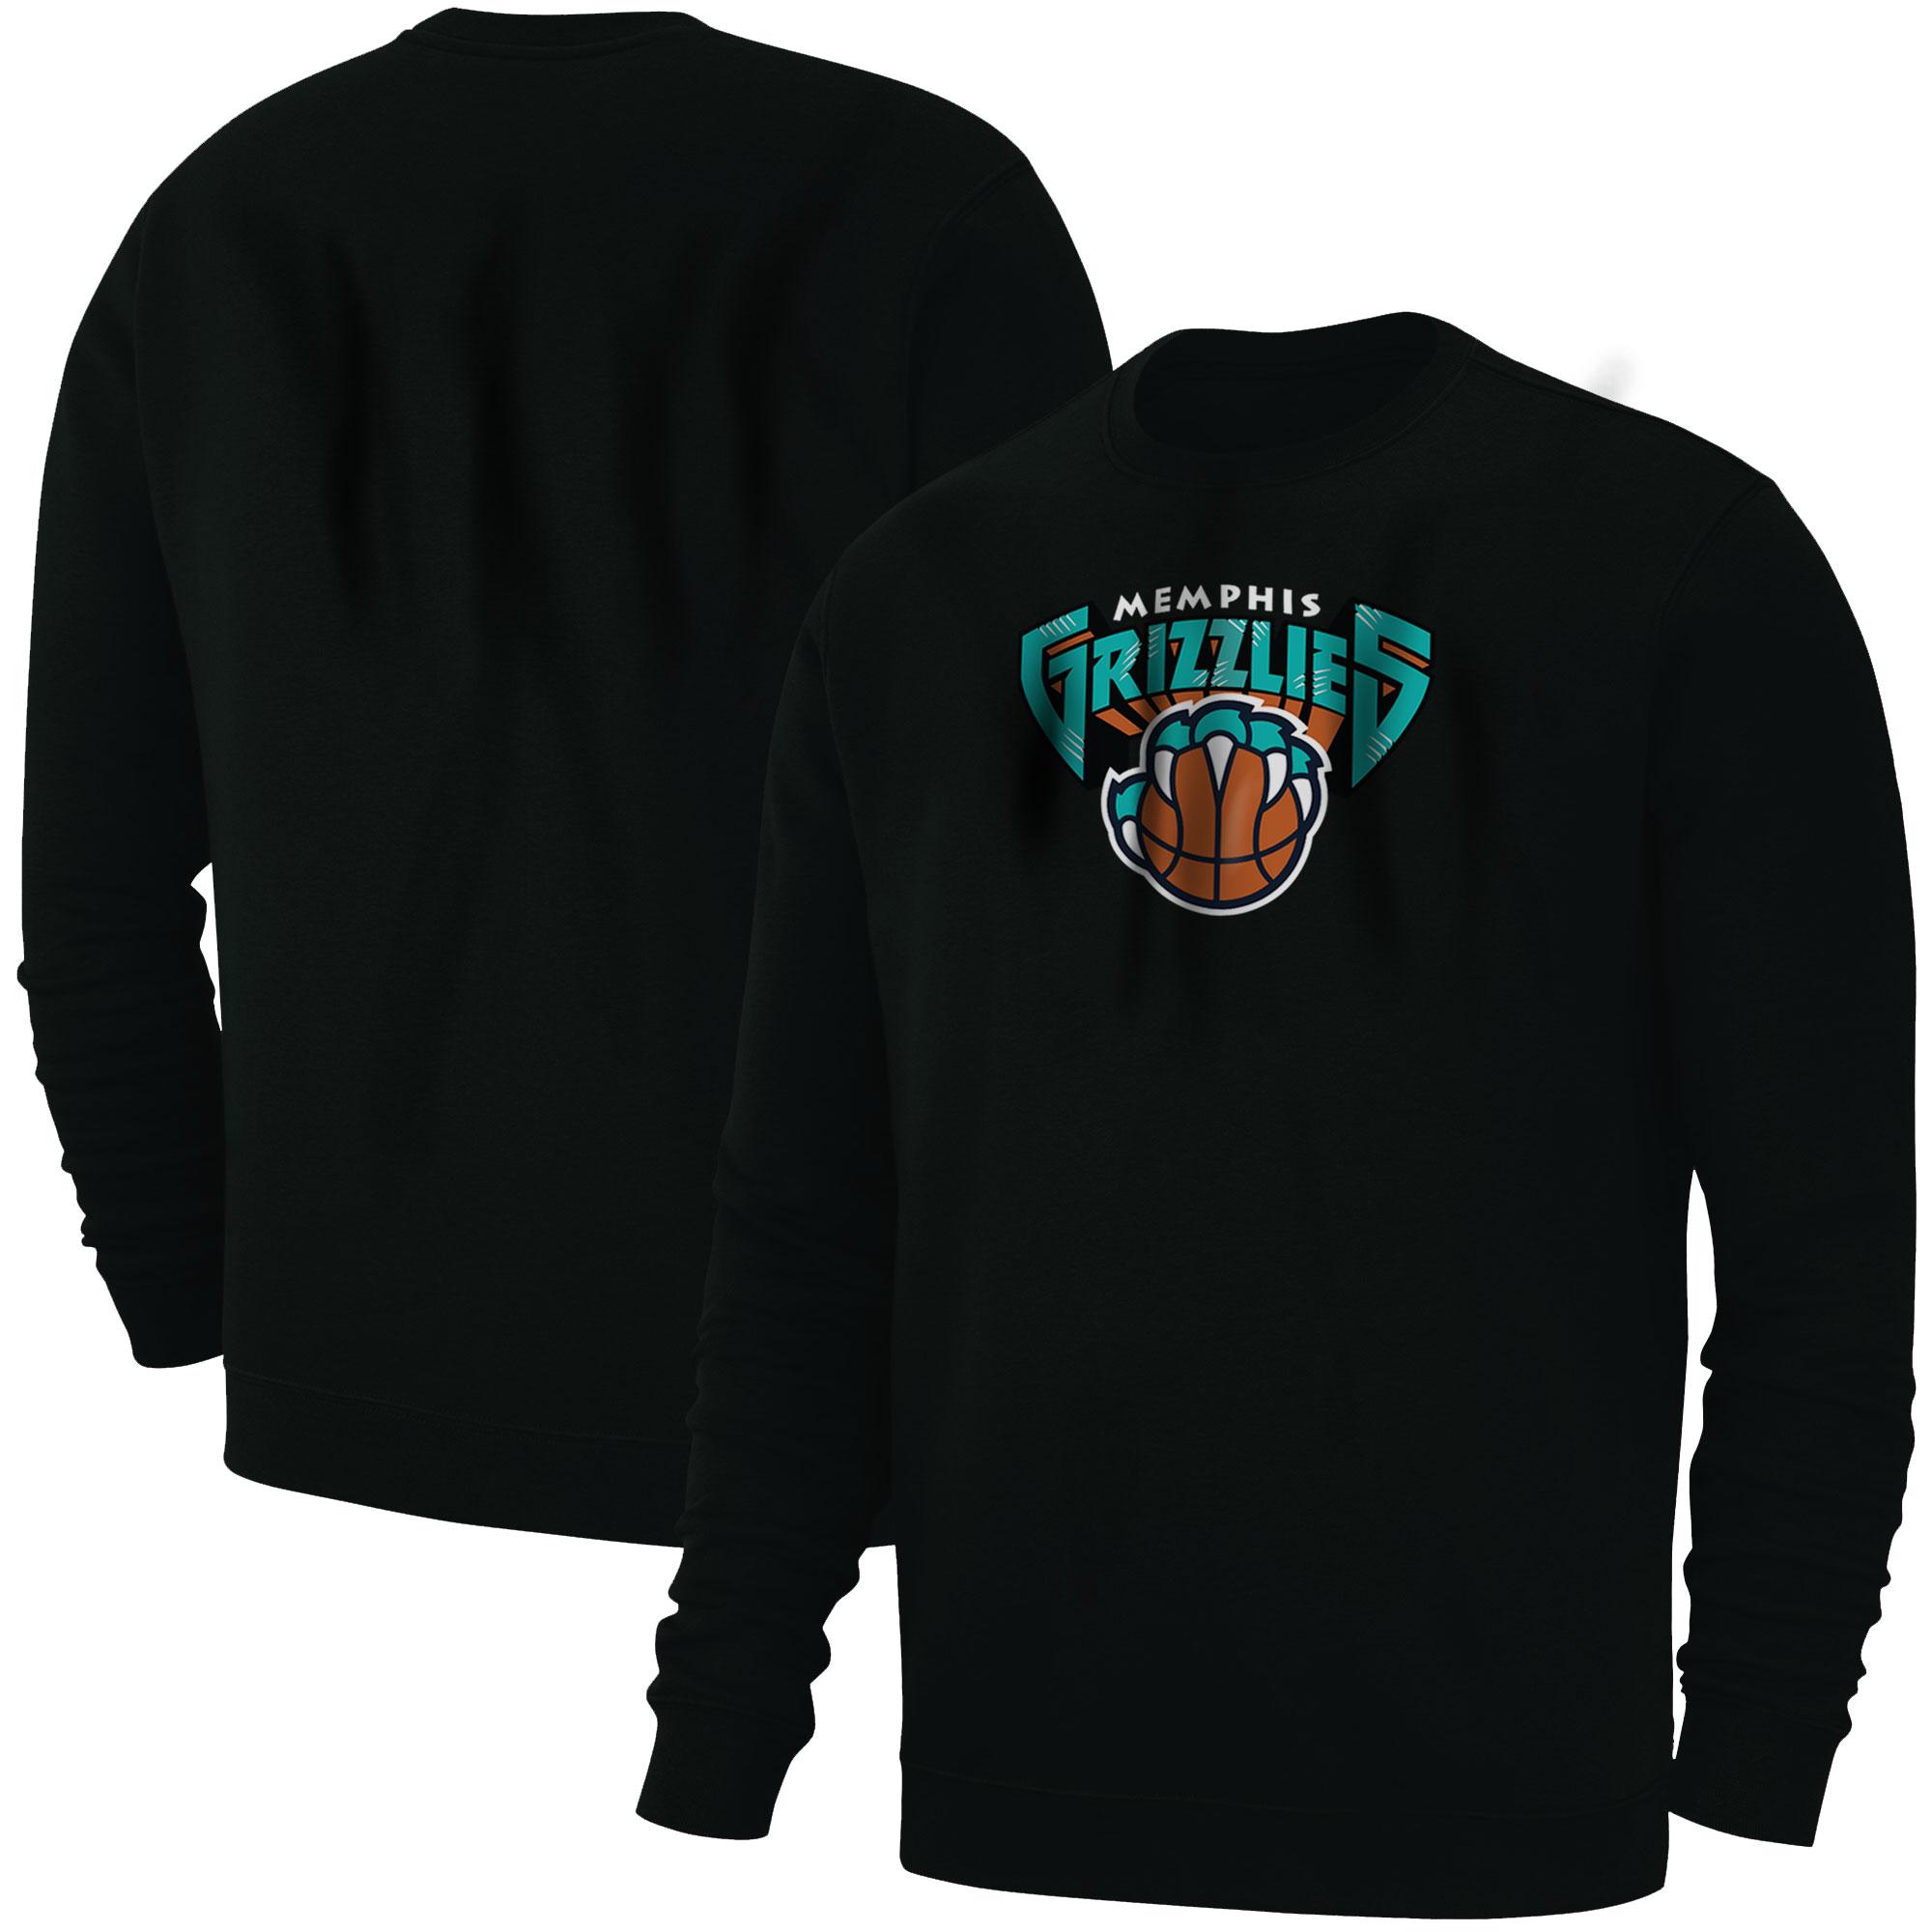 Memphis Grizzlies Basic (BSC-BLC-493-NBA-MEMPHIS-GRZ)